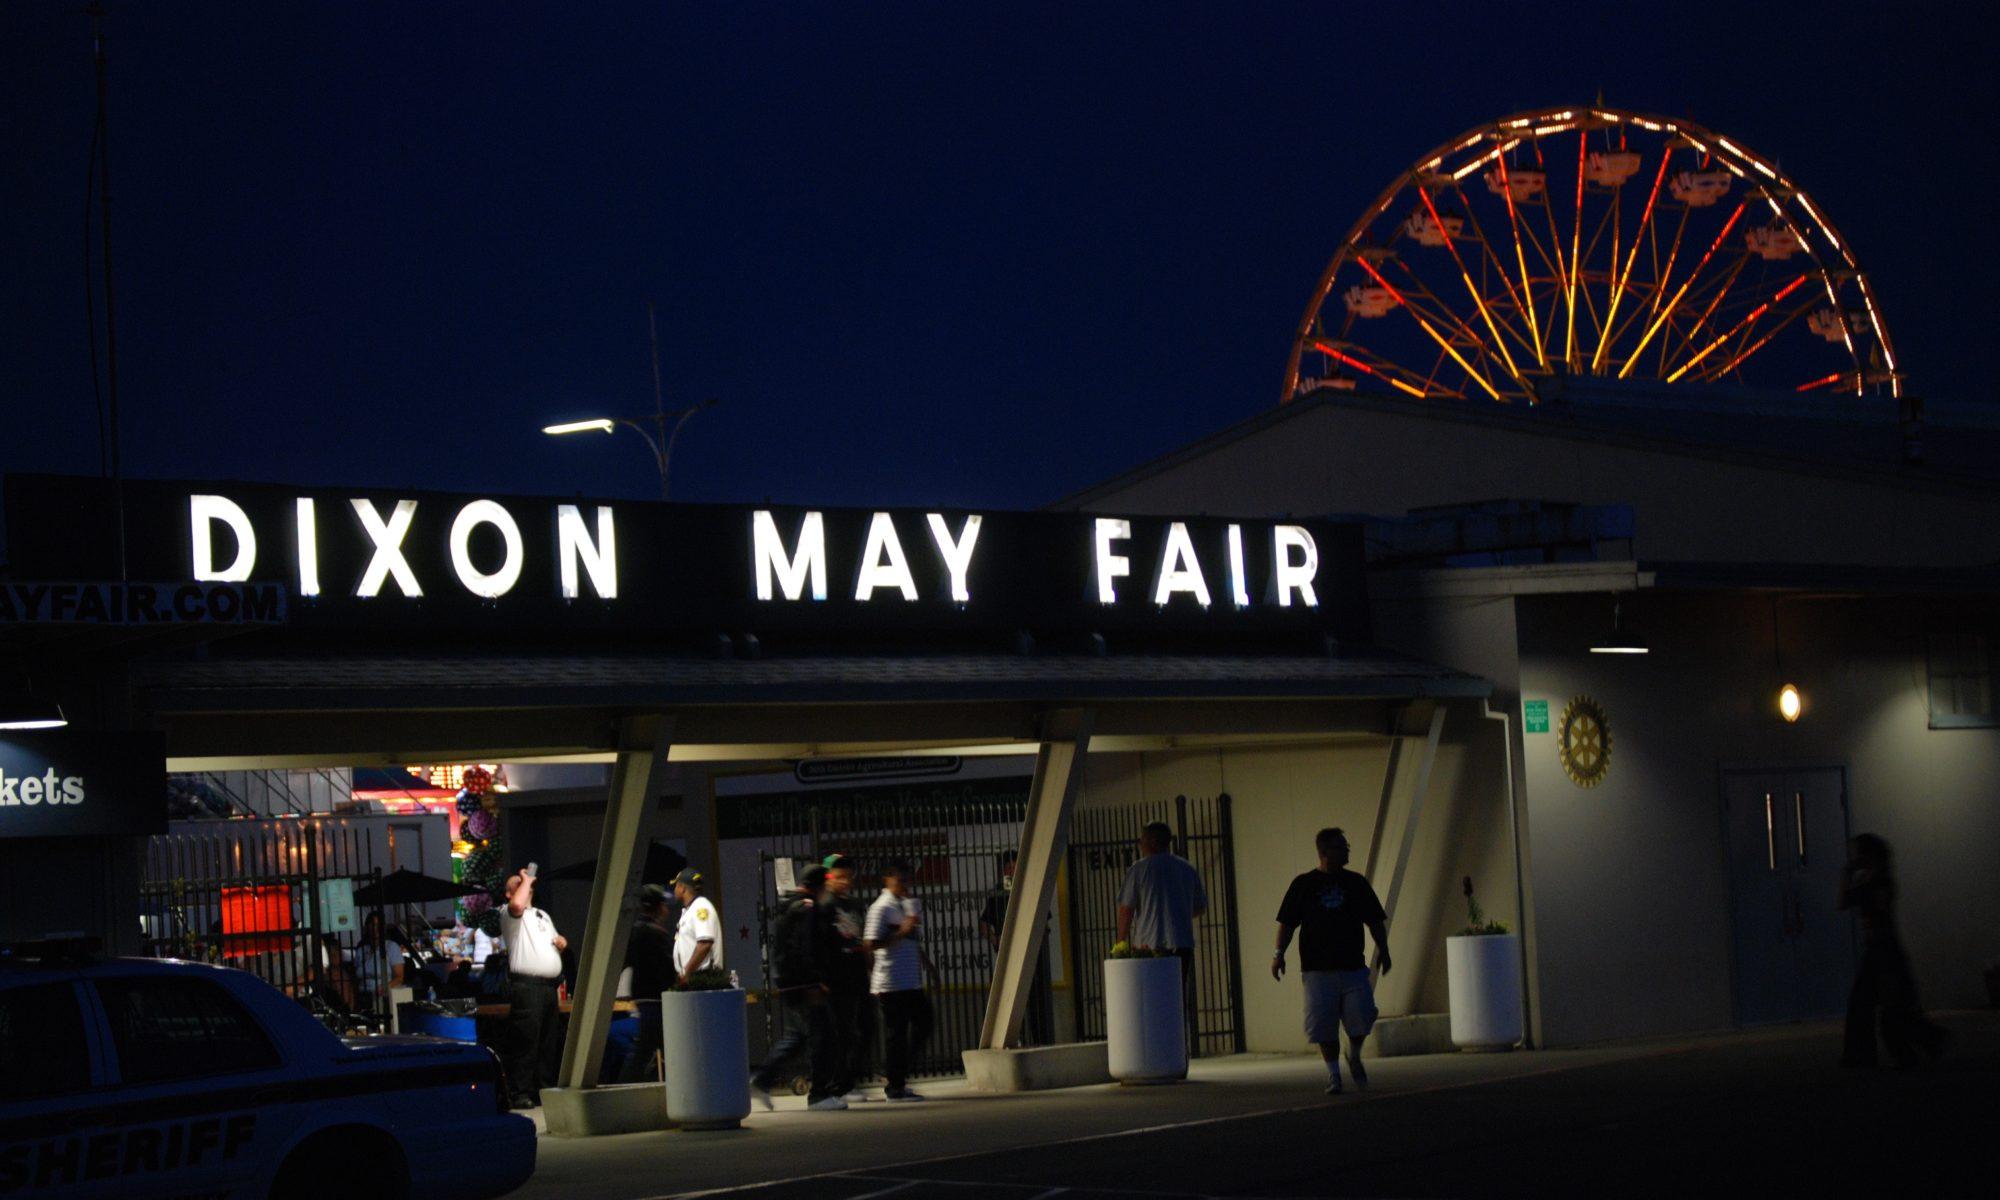 Friends of Dixon May Fair